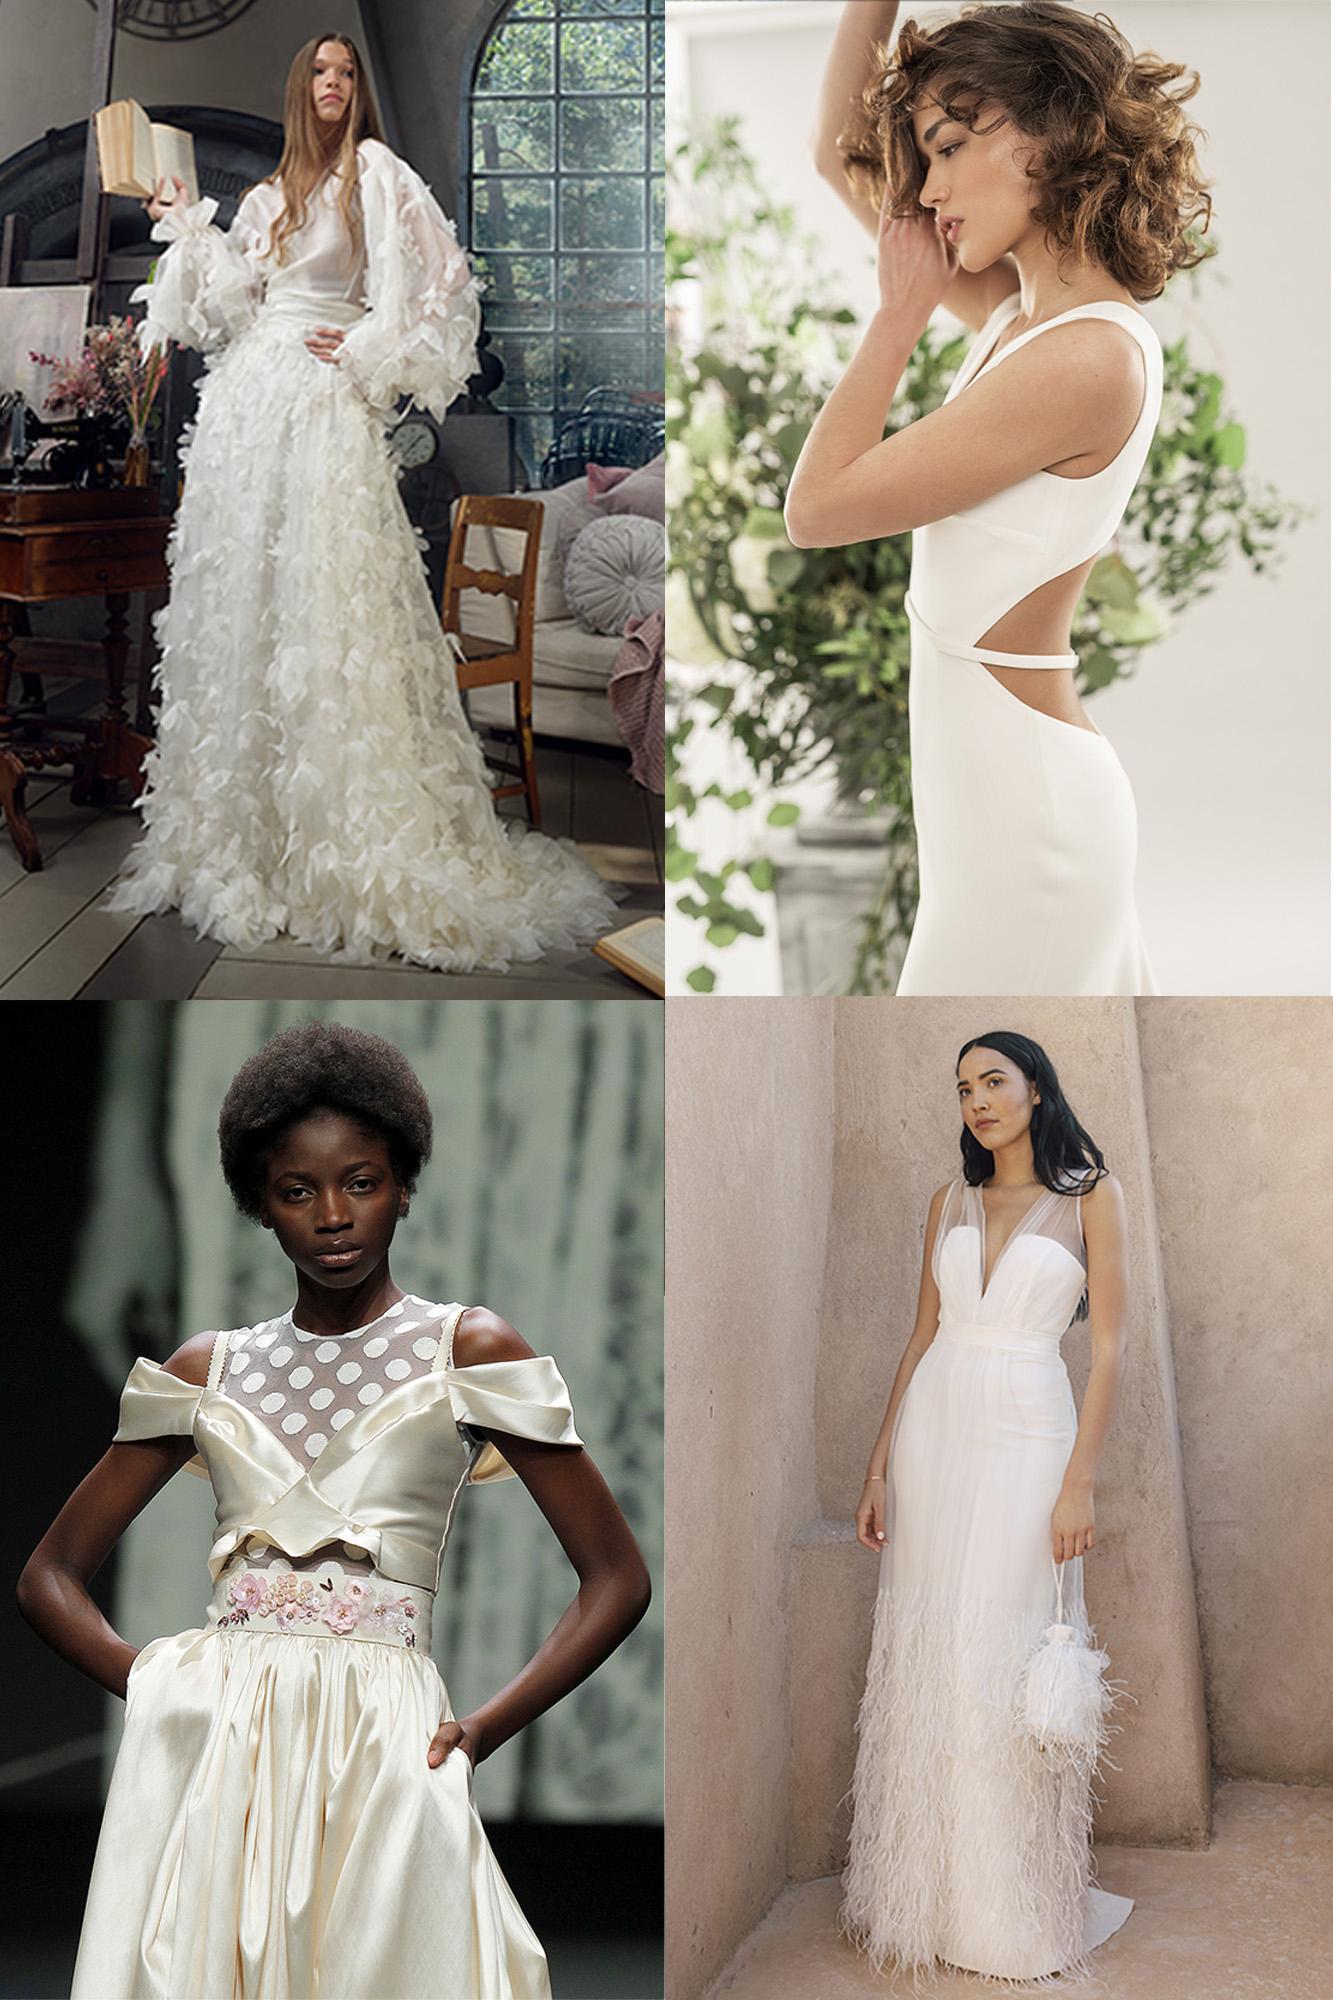 Le tendenze della Moda Sposa nell'era post covid